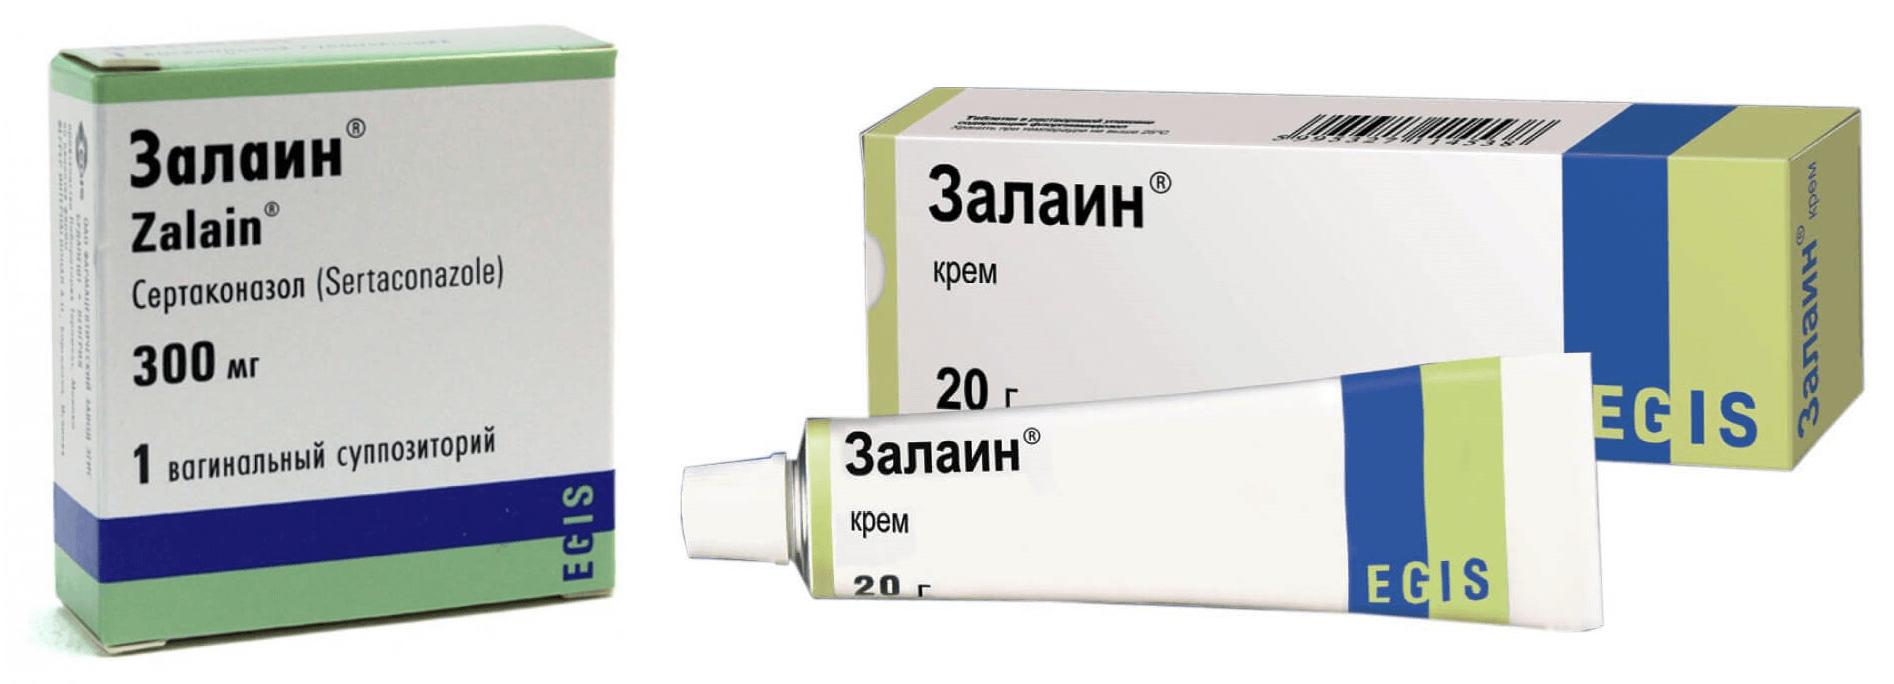 Состав и формы выпуска препарат «Залаин»